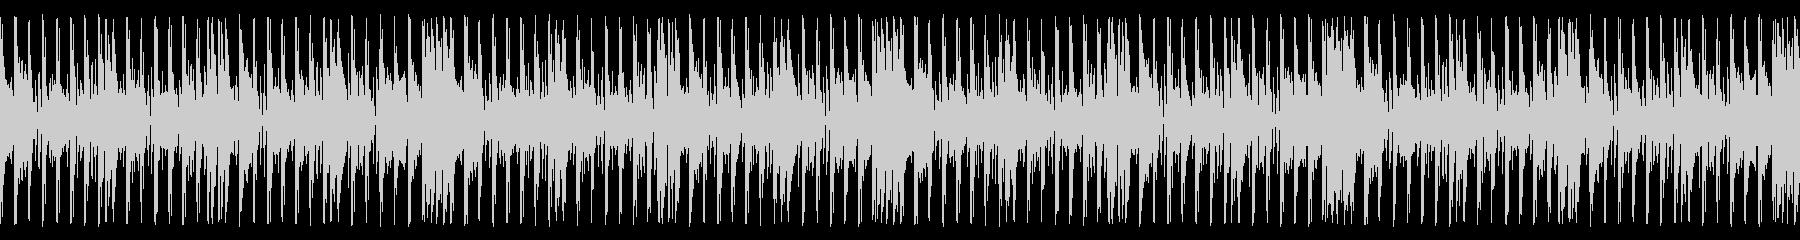 ポップでアクティブなジングル_ループの未再生の波形